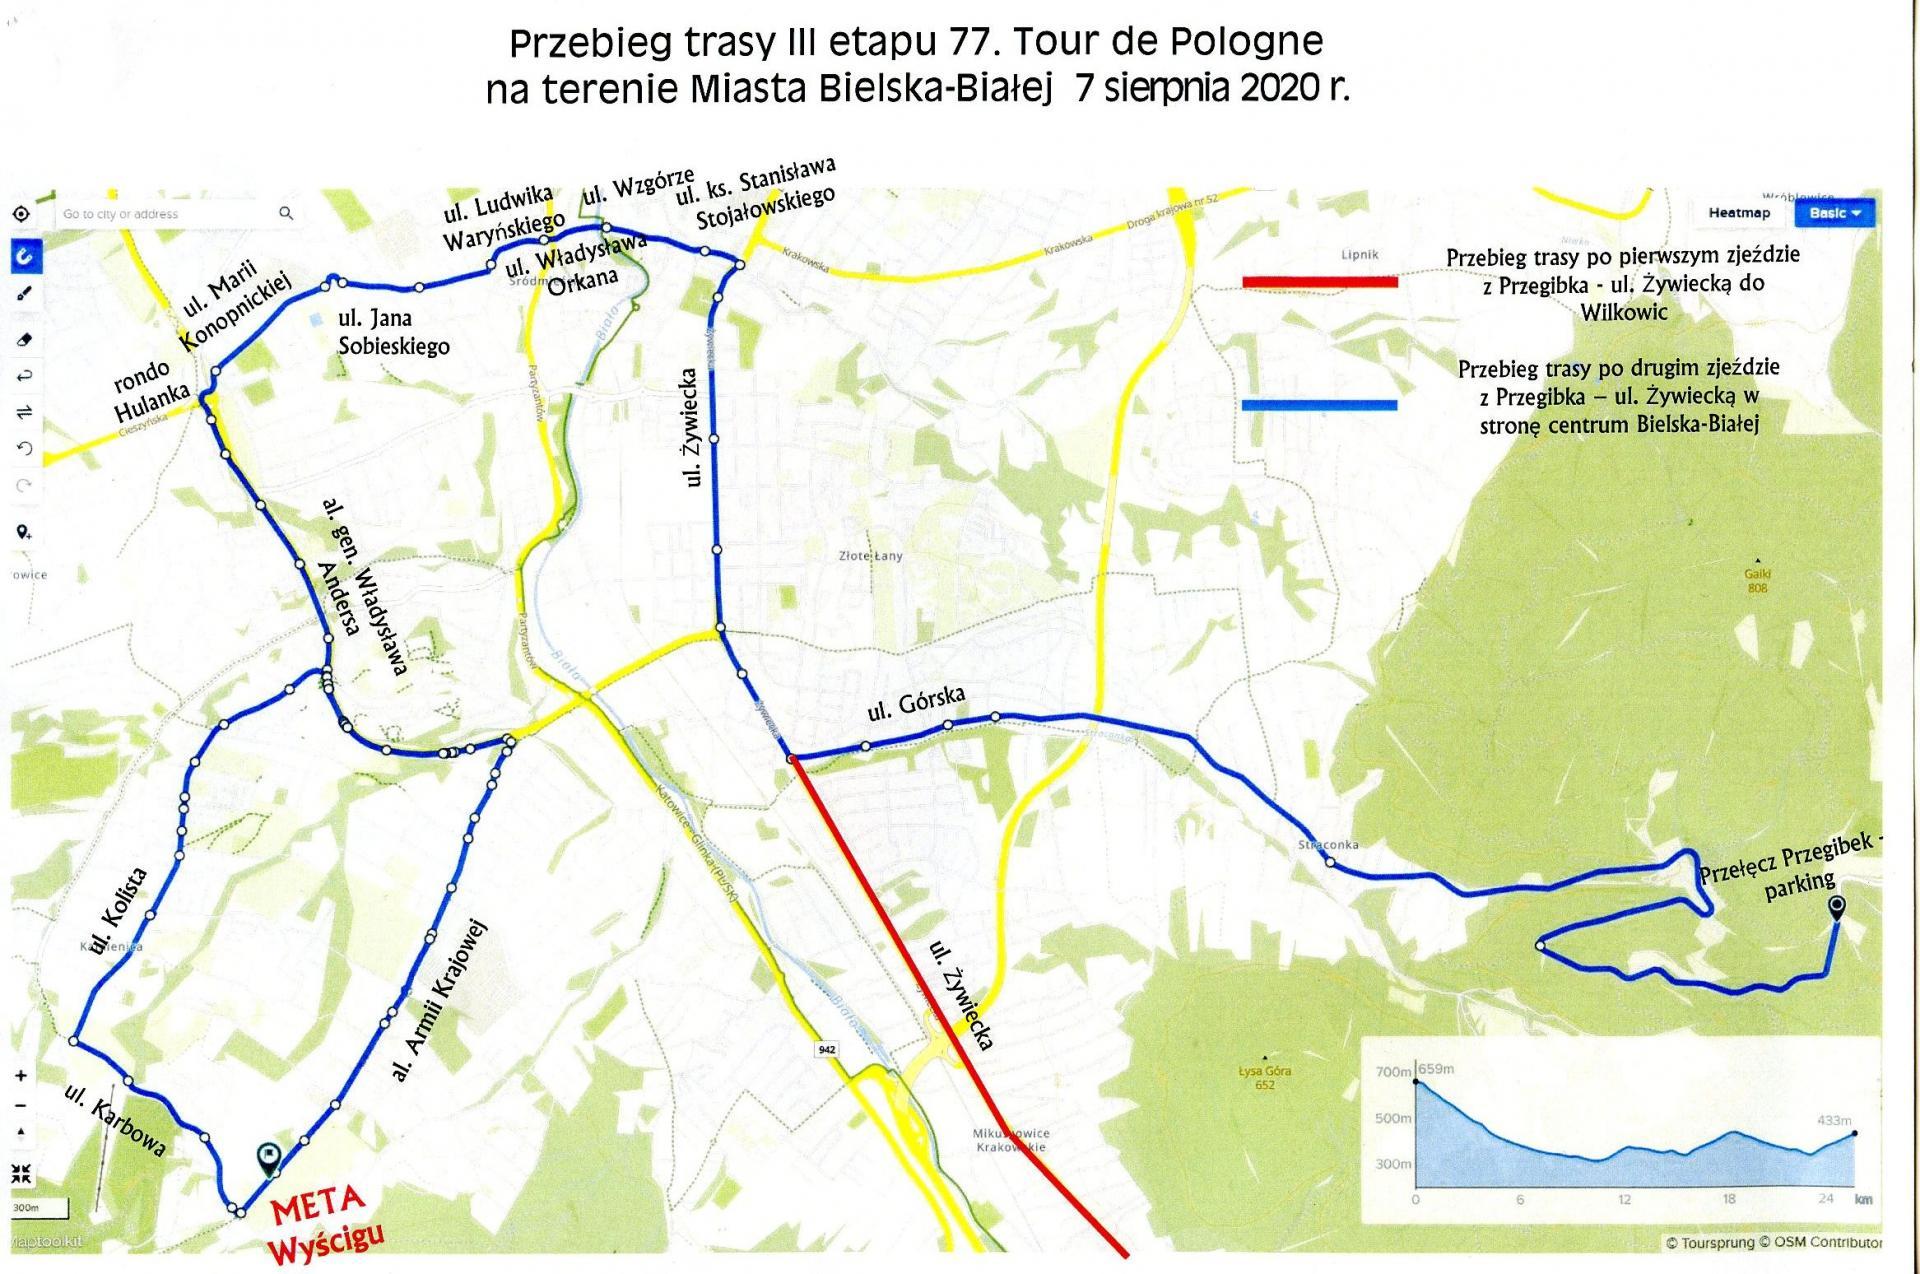 Tour de Pologne 2020 przemknie ulicami Bialska-Bialej